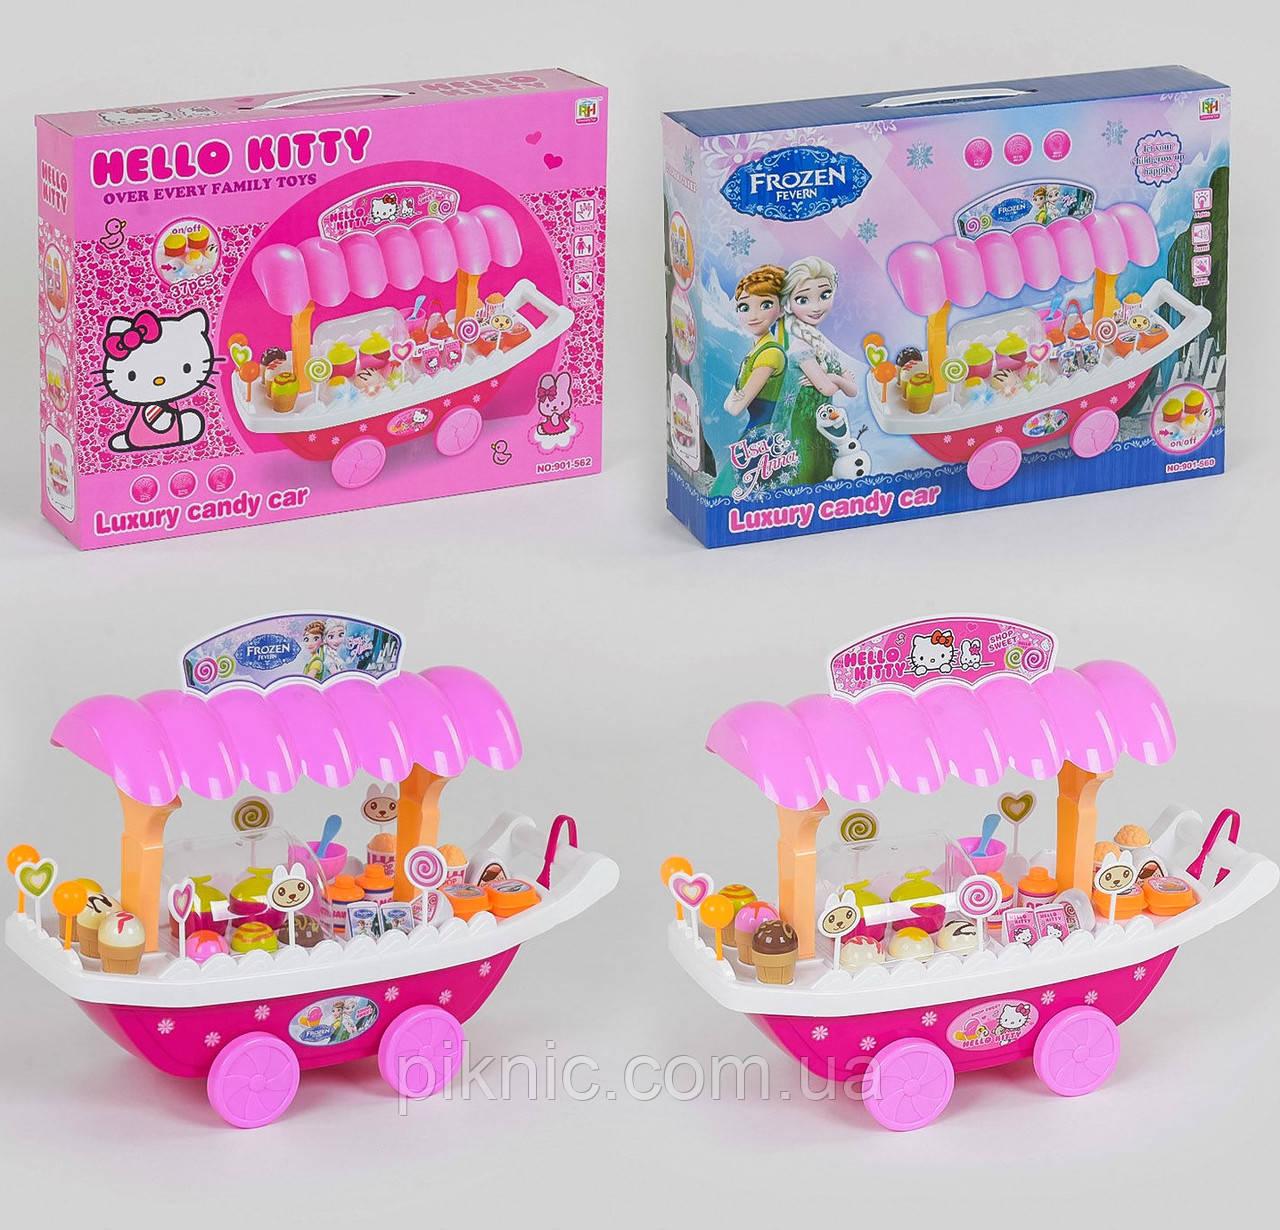 Игровой набор Магазин сладостей Хеллоу Китти, Фроузен для детей 2 вида, музыкальный, на батарейке, в коробке